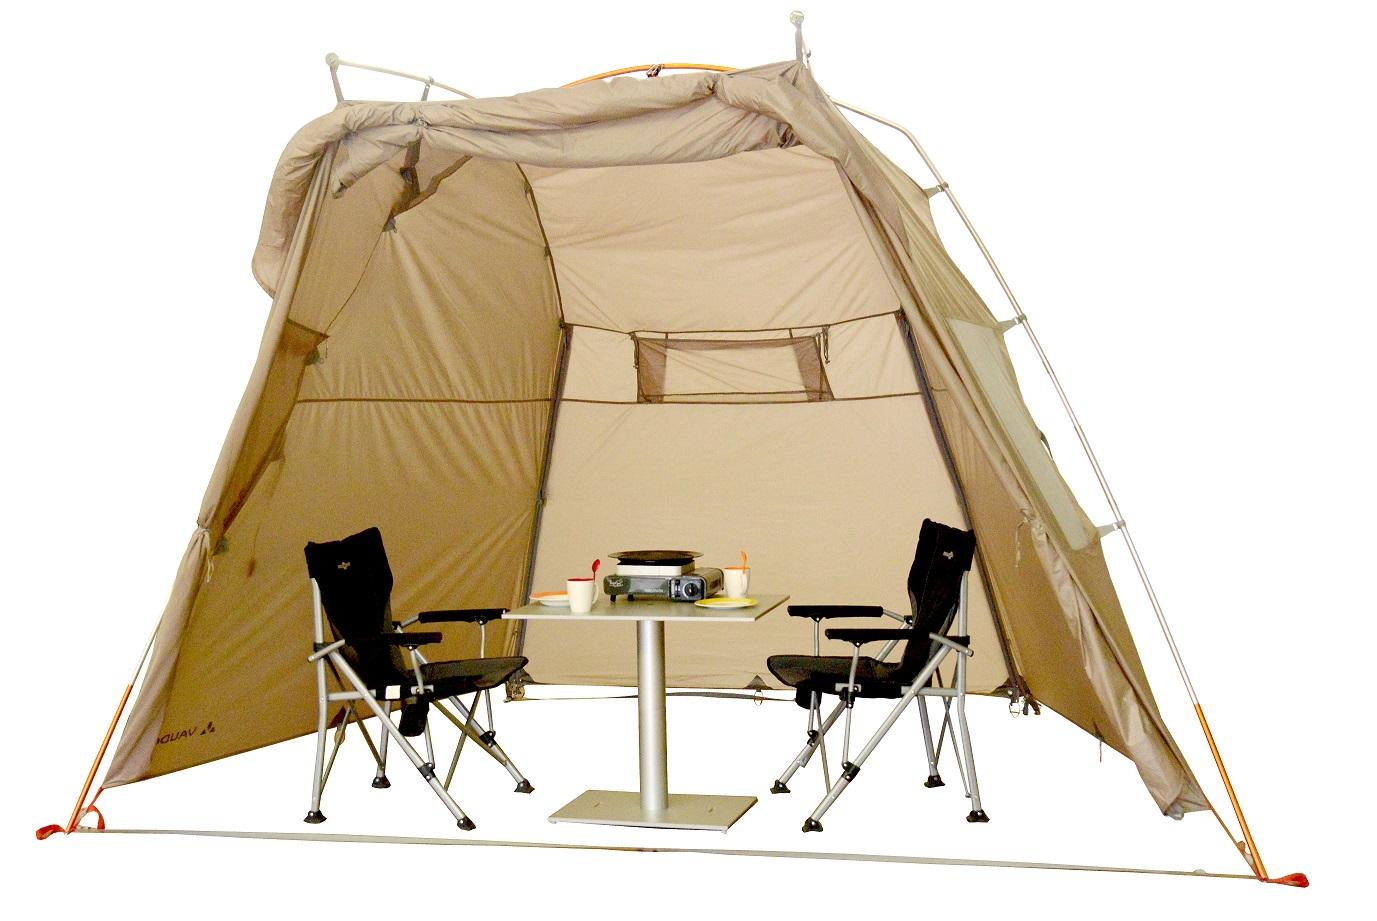 vanessa mobilcamping online shop vaude drive van tent for your van. Black Bedroom Furniture Sets. Home Design Ideas